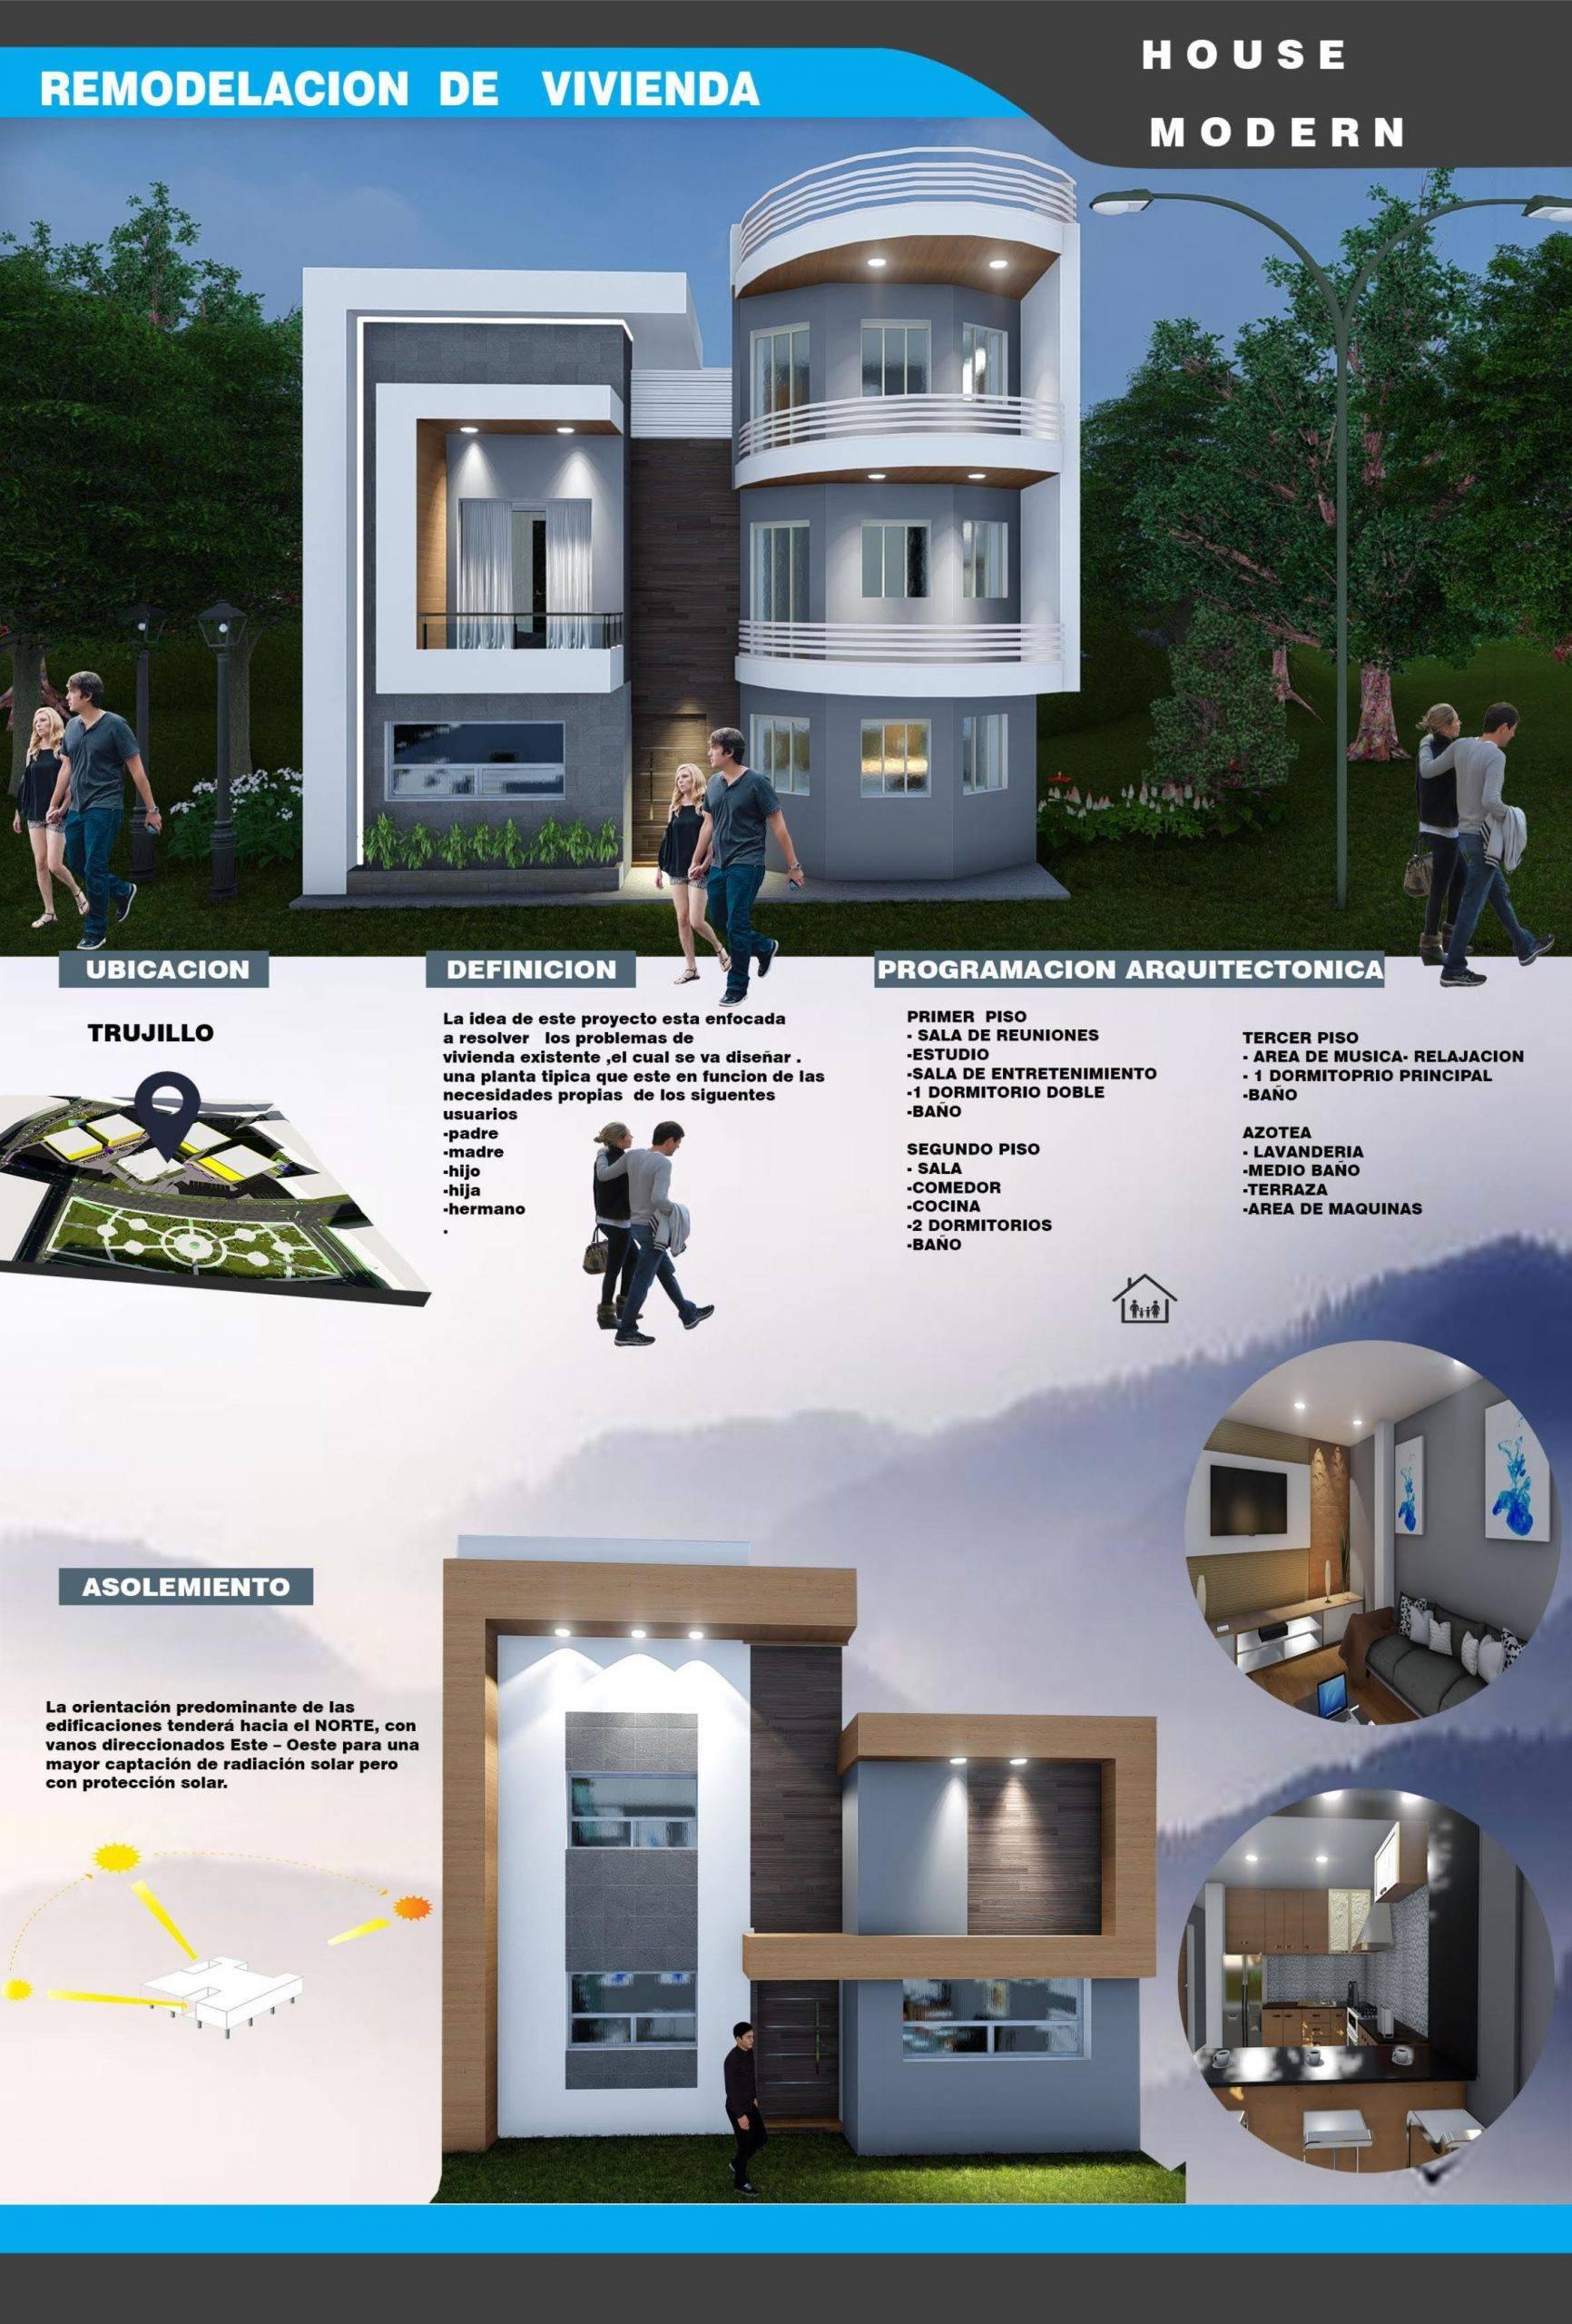 remodelacion de vivienda